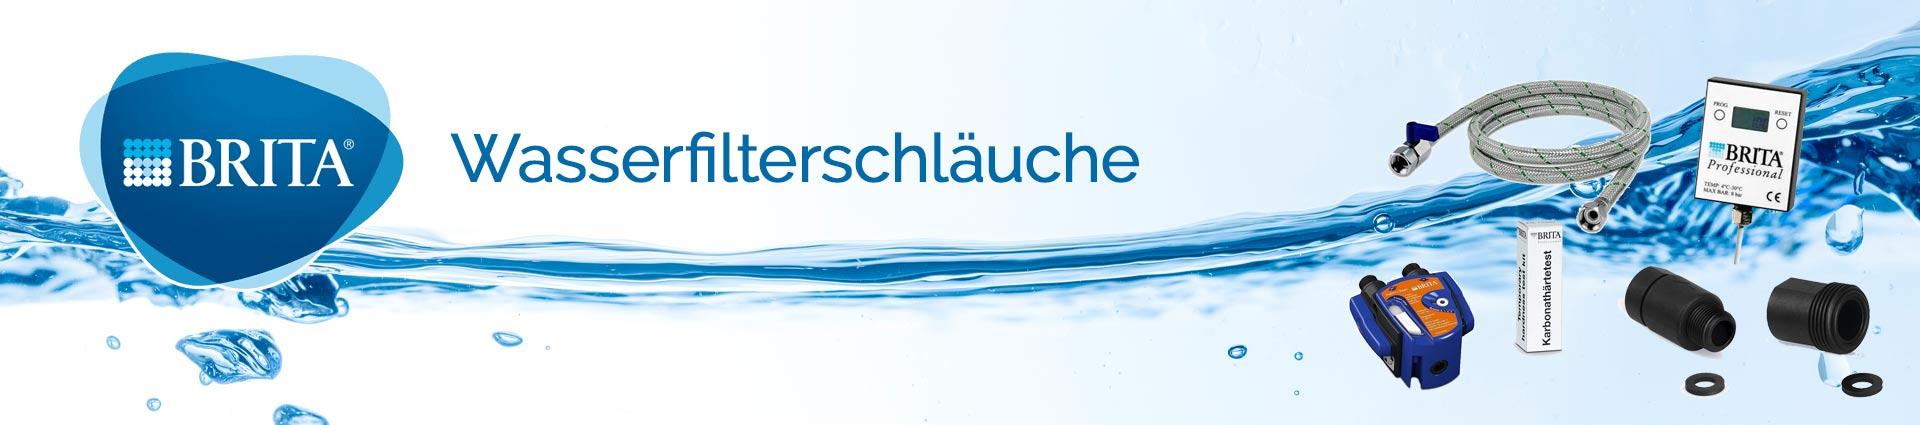 Brita Wasserfilterschläuche Banner